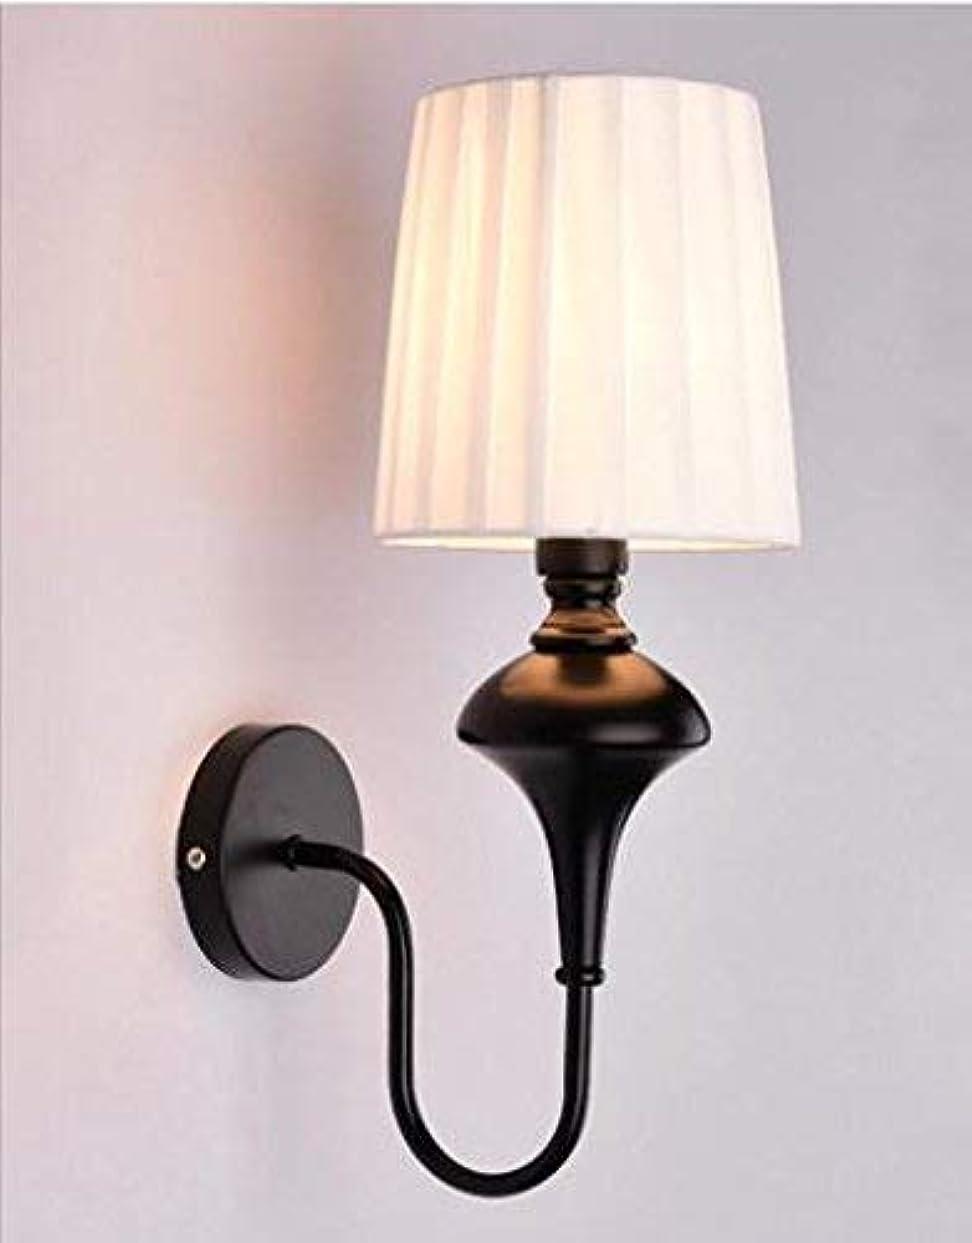 内なるビーム予知壁面ライト, 牧歌的な掛かる鉄の鉄の居間の寝室のベッドサイドウォールライト、白 AI LI WEI (Color : Black)